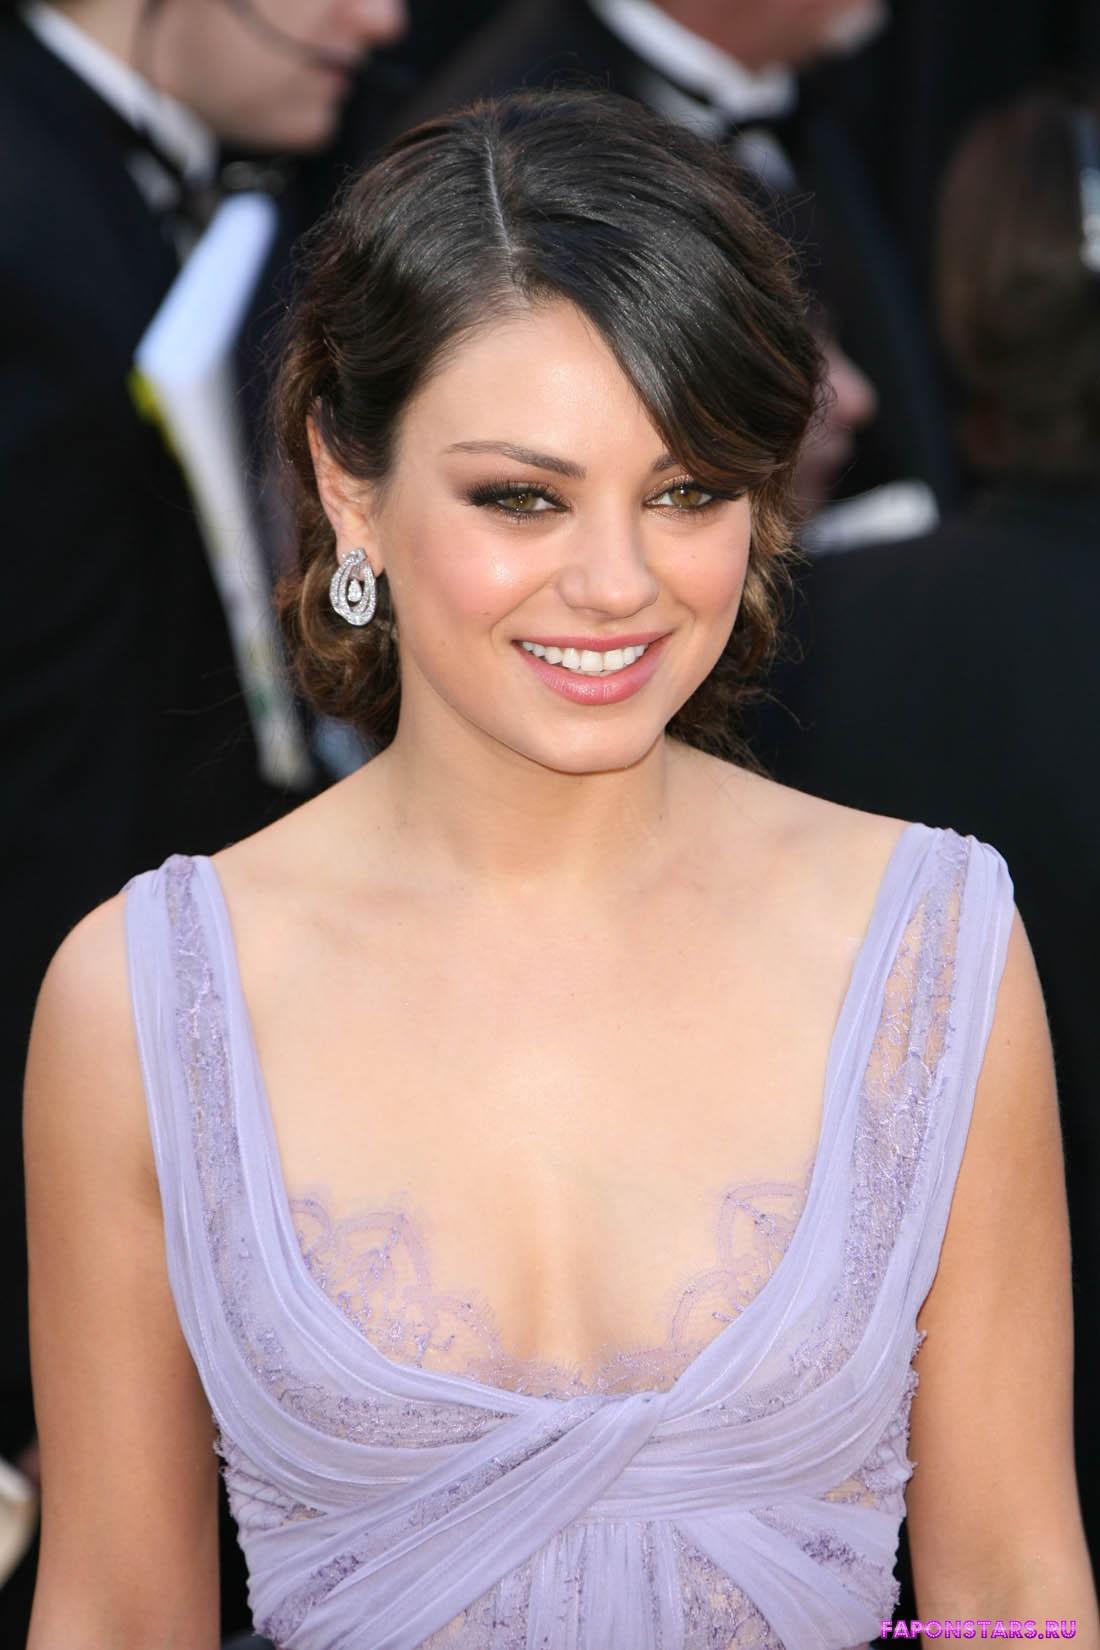 открытое платье Милы Кунис с глубоким вырезом декольте, подчеркивает ее красивую полуголую грудь